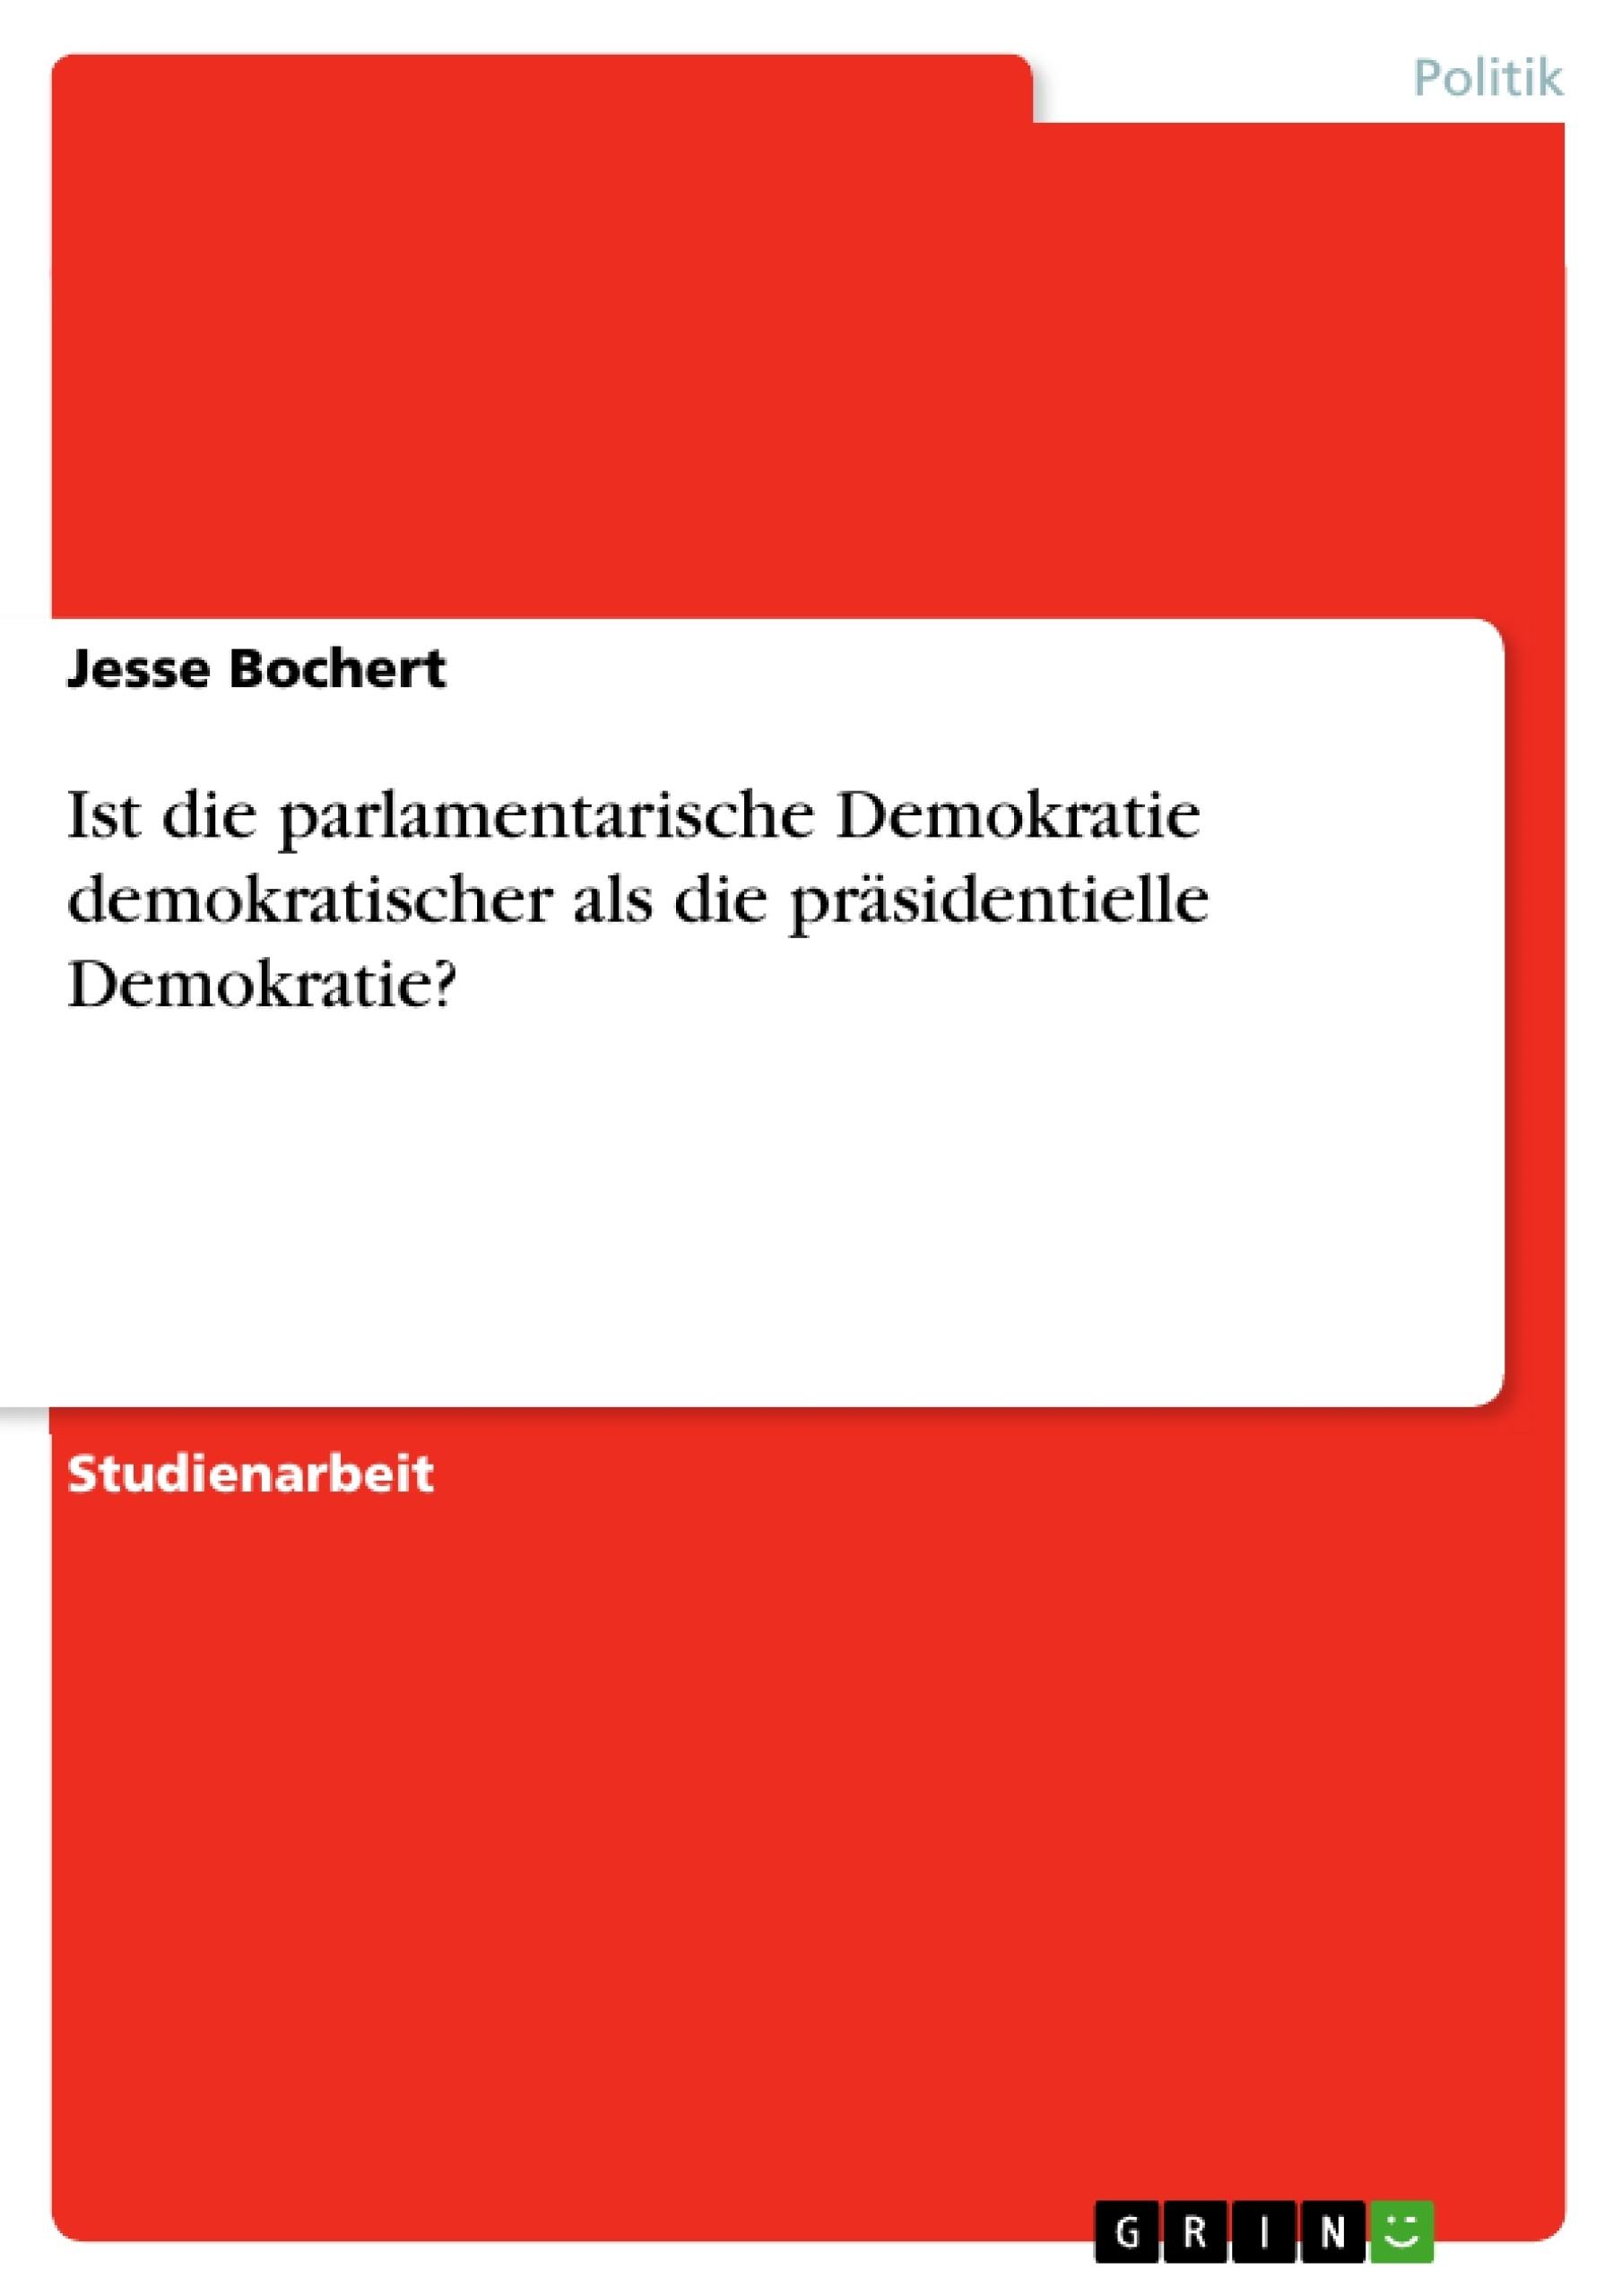 Titel: Ist die parlamentarische Demokratie demokratischer als die präsidentielle Demokratie?